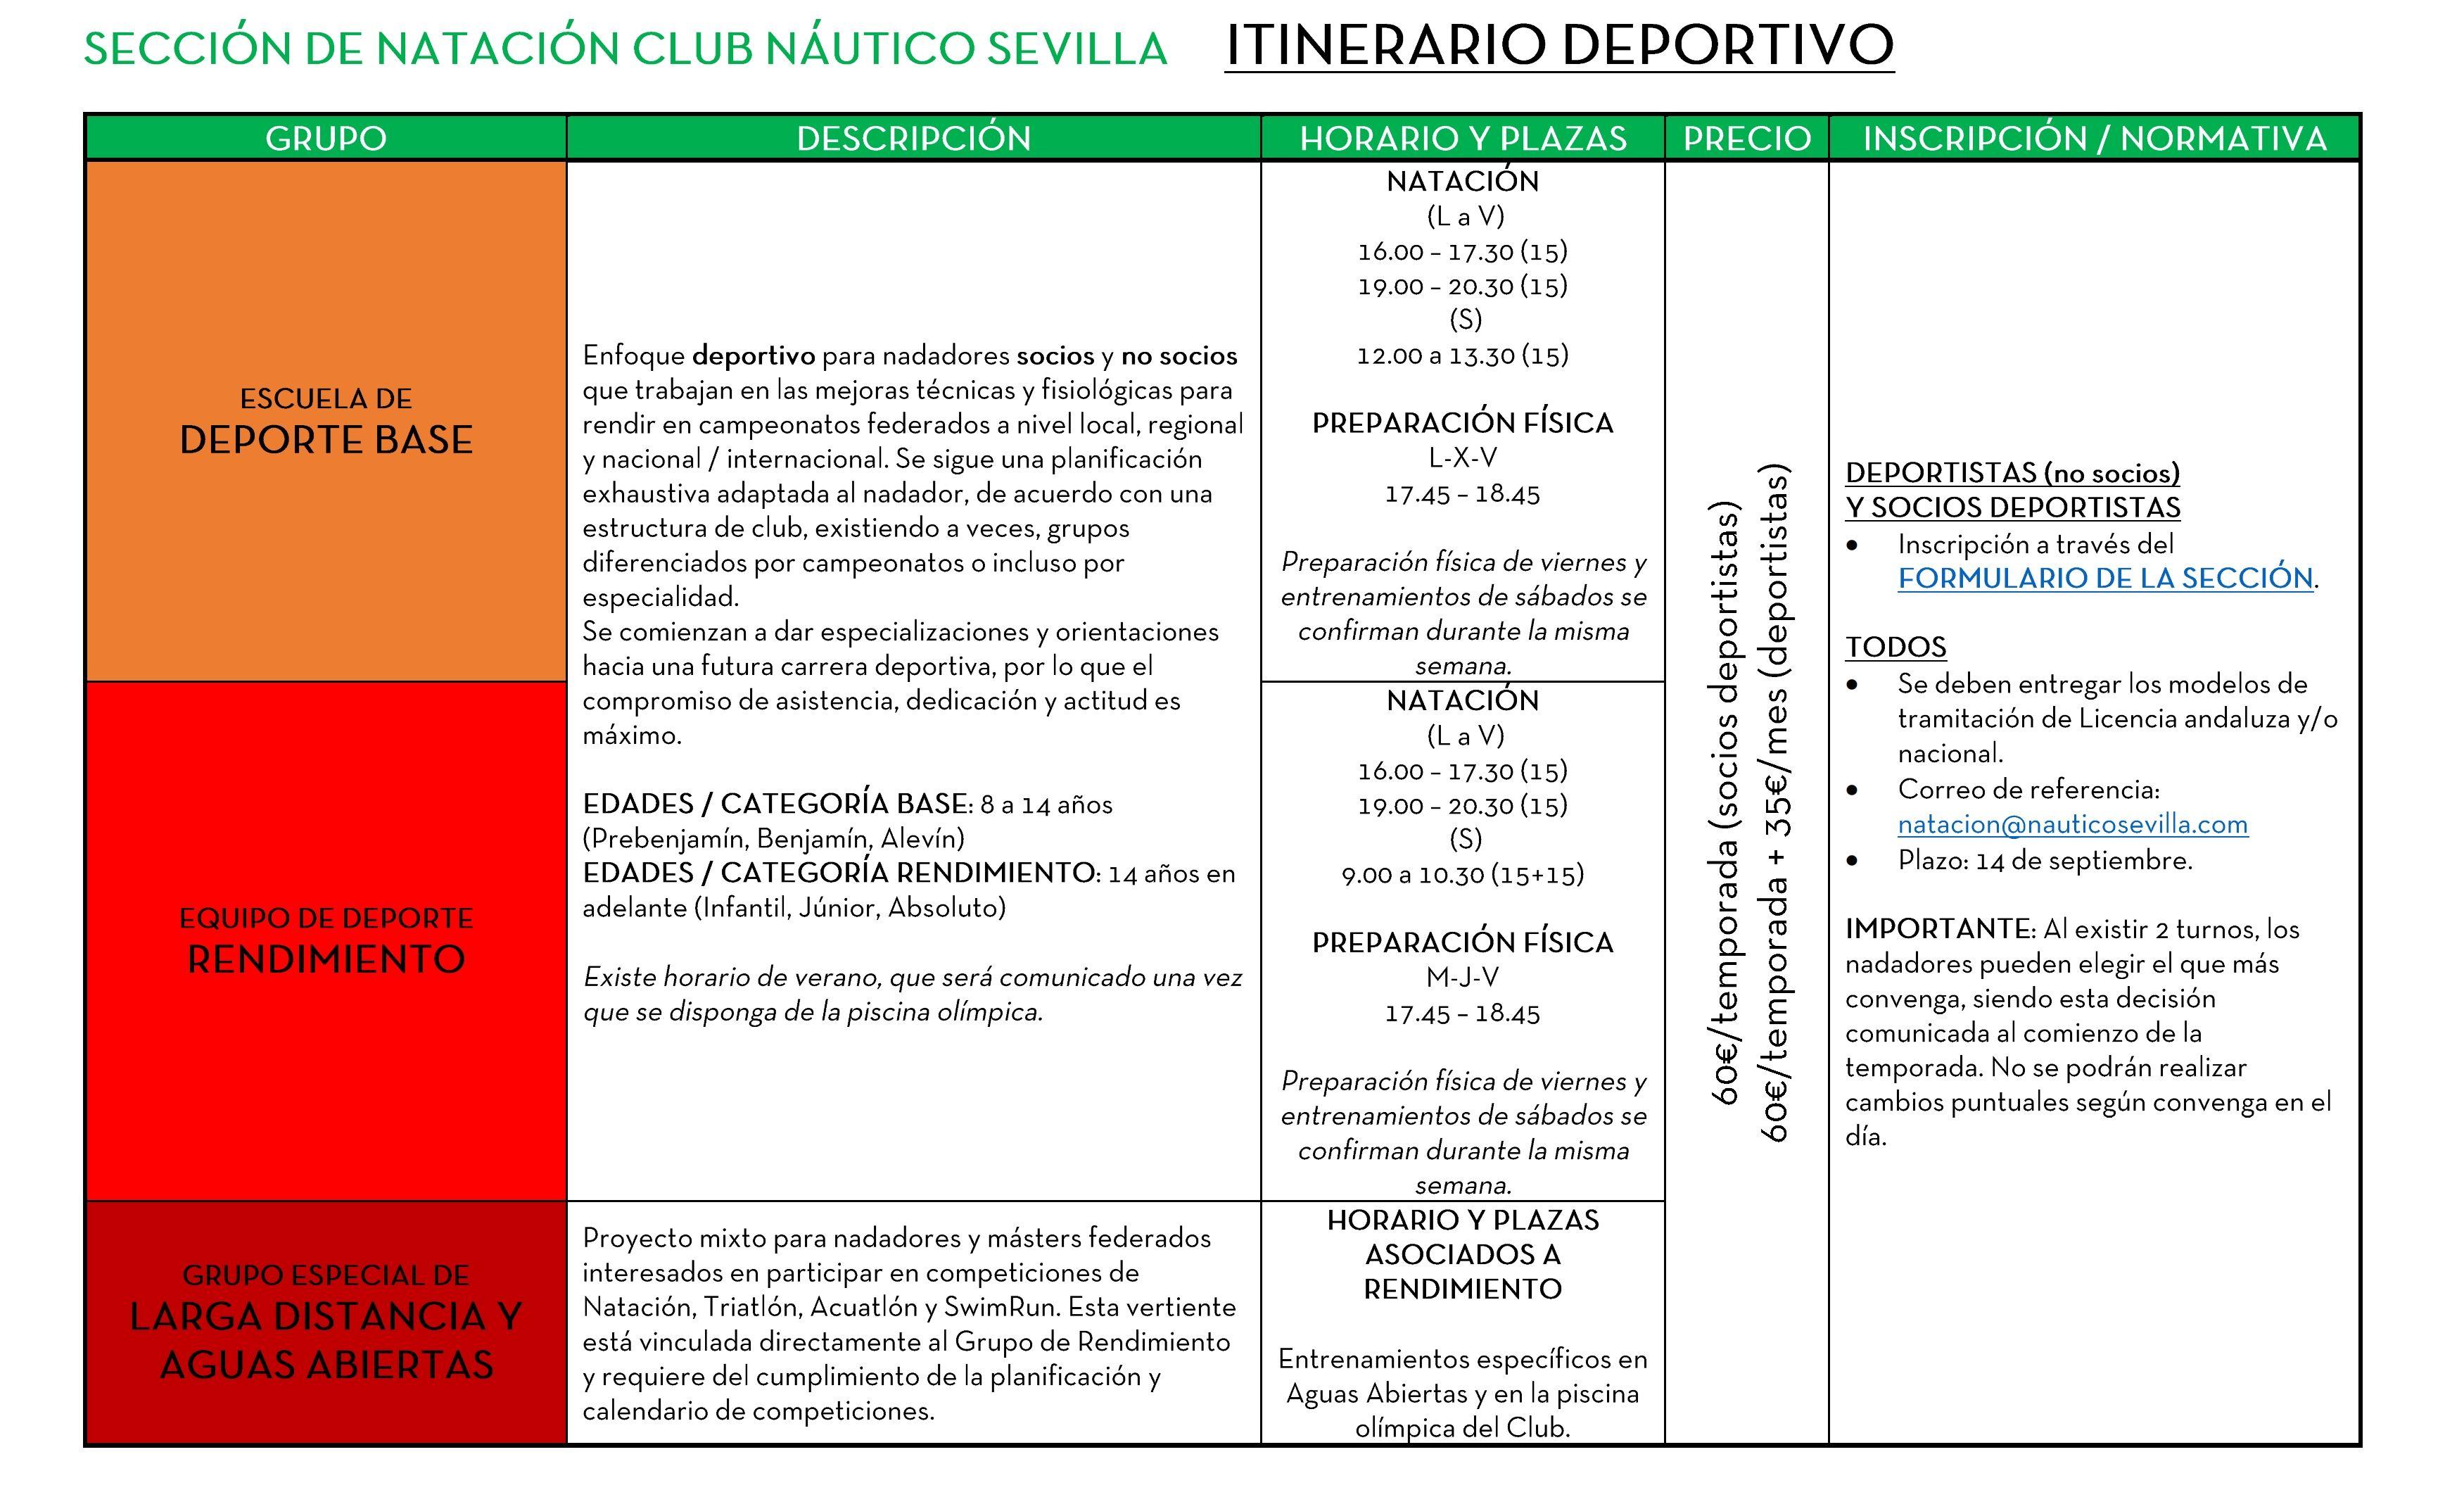 Natación CNS 20-21_003.jpg